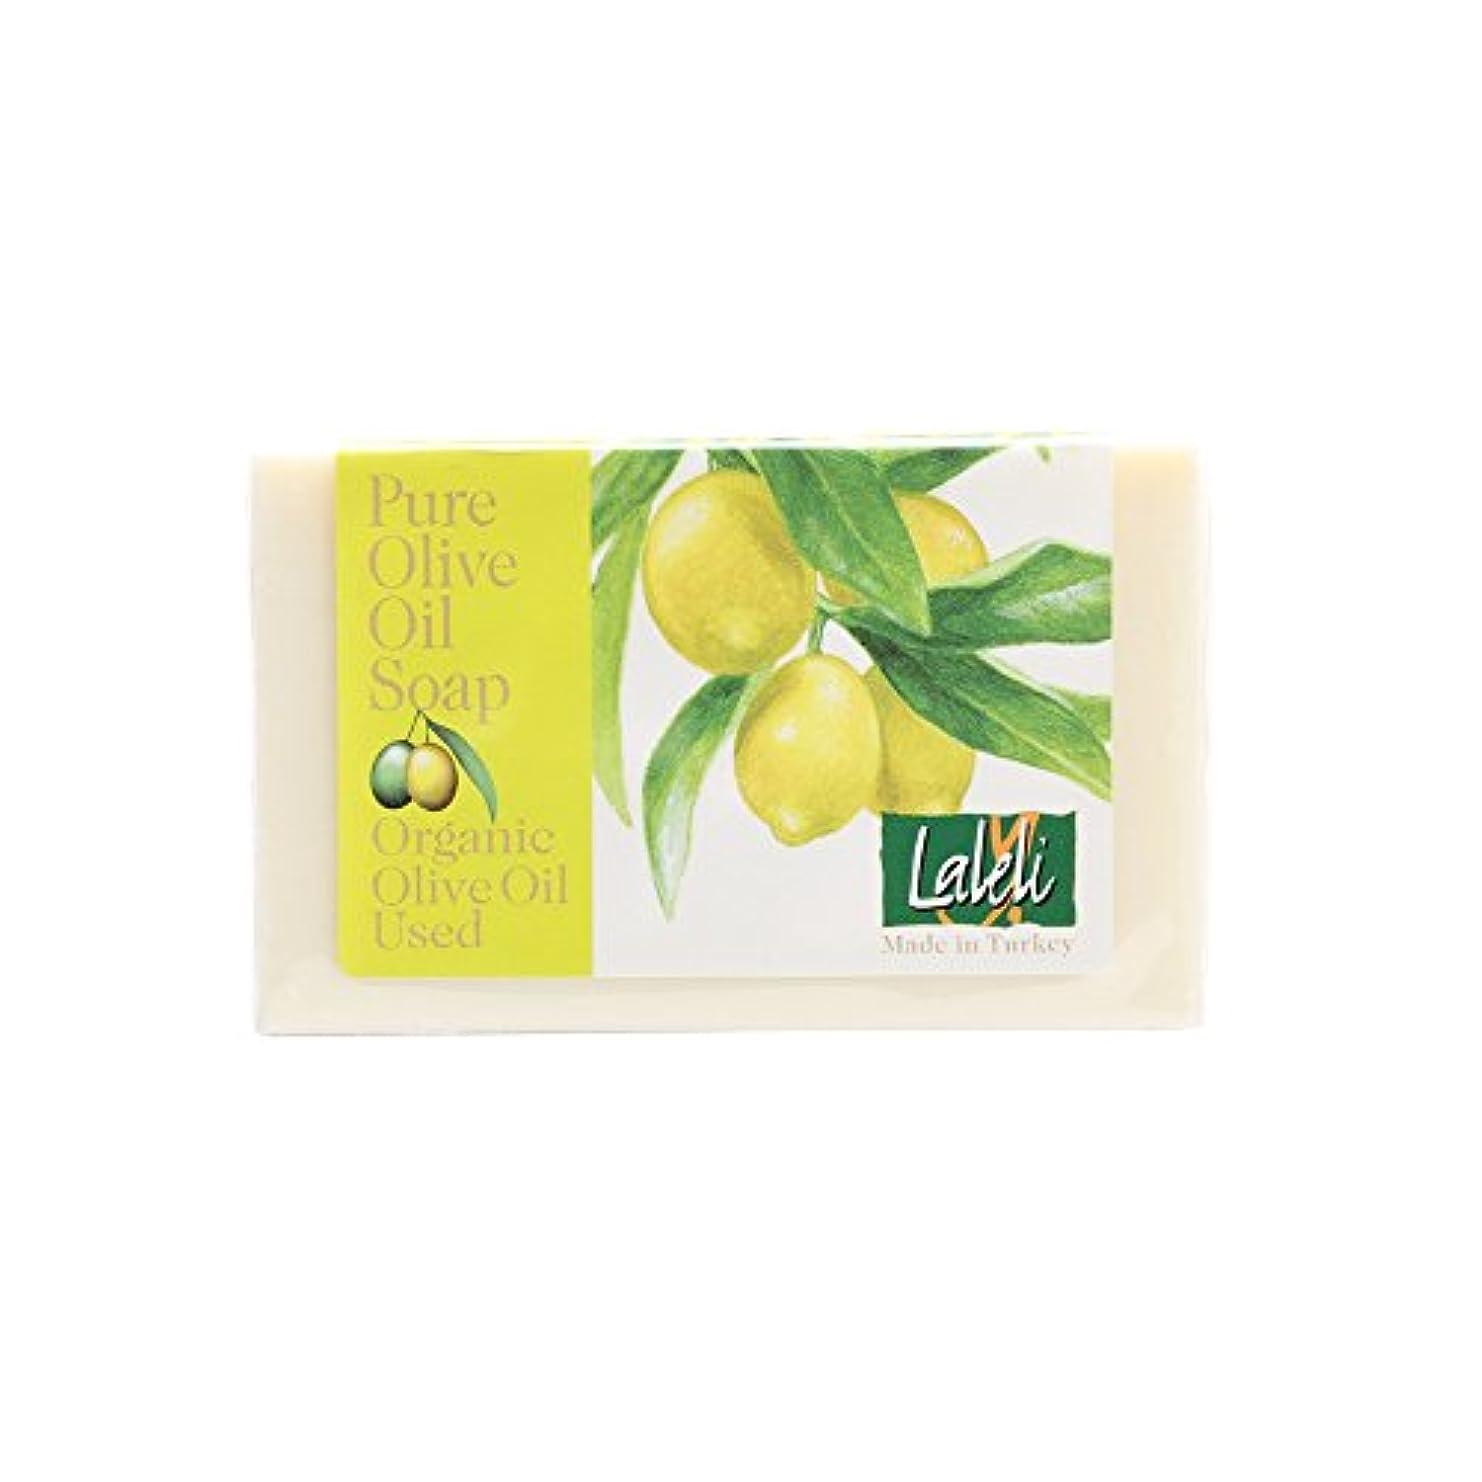 変成器天才ぼかしラーレリ オーガニックオリーブオイルソープ レモン 120g